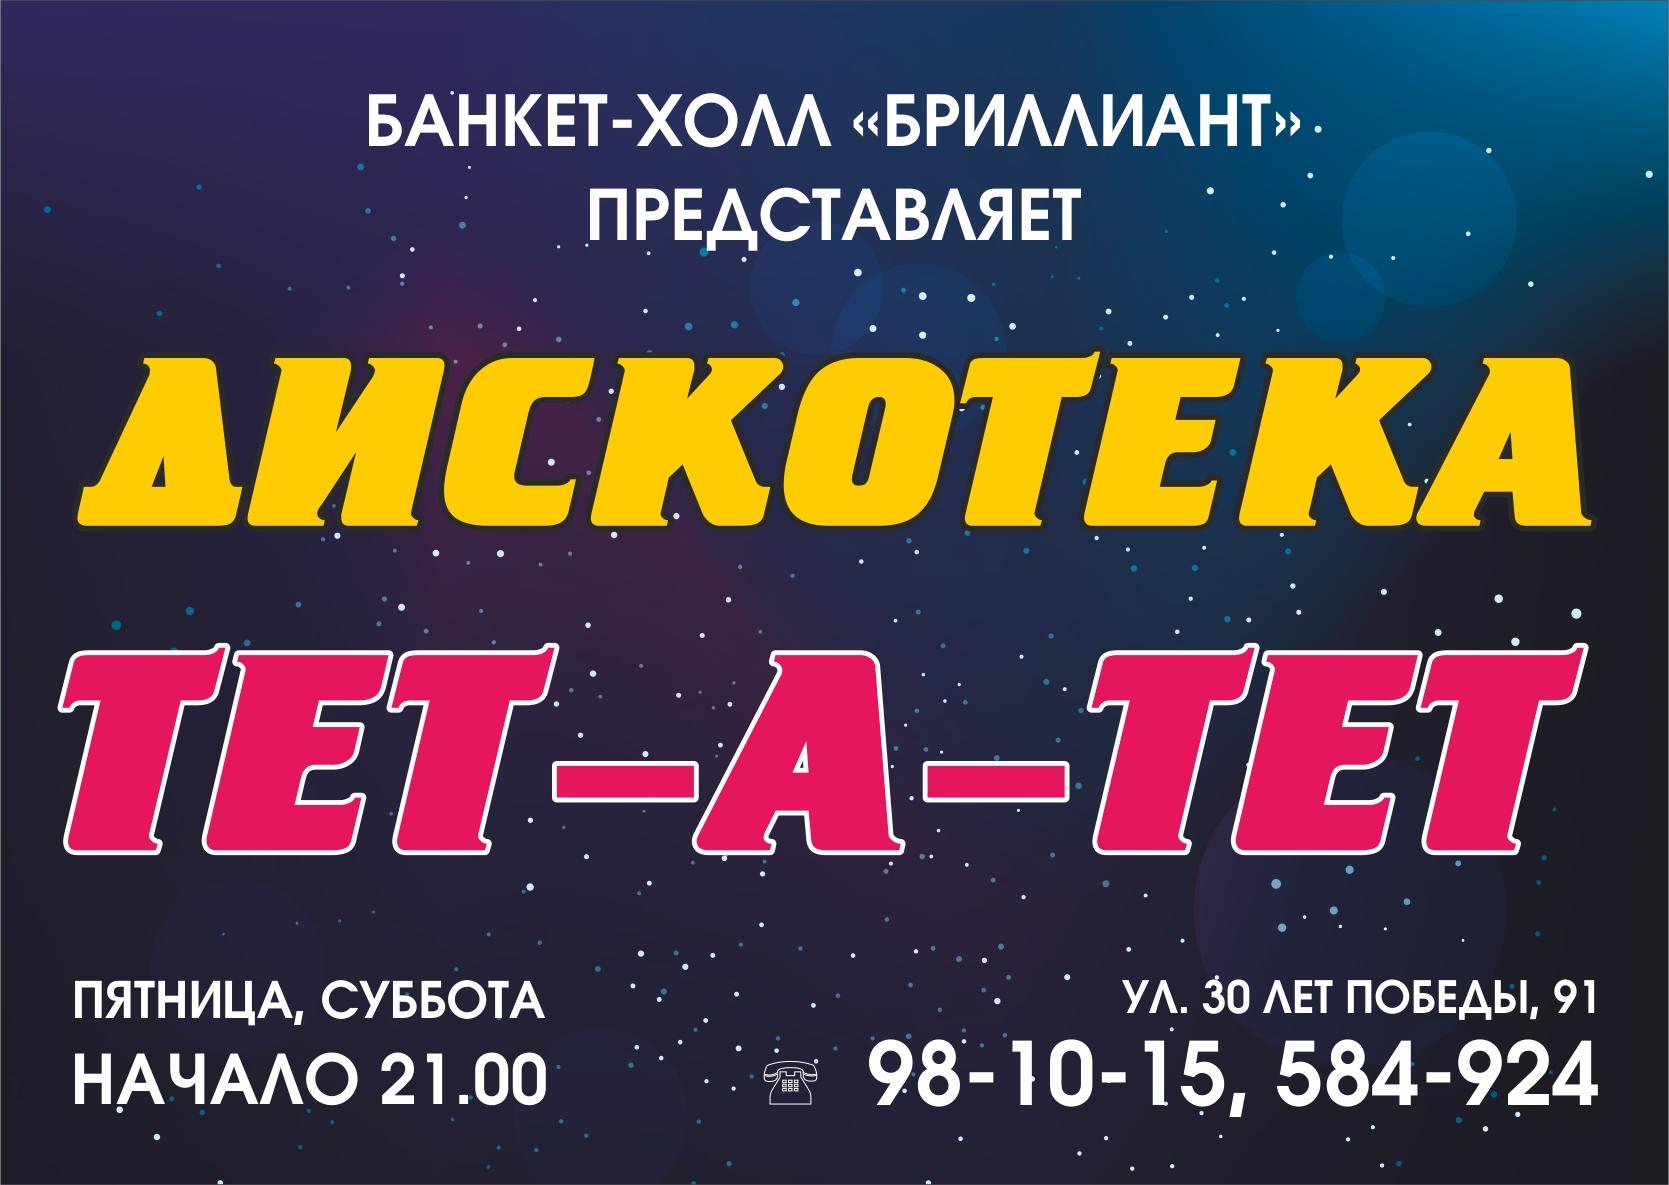 tet-a-tet-znakomstva-tyumen